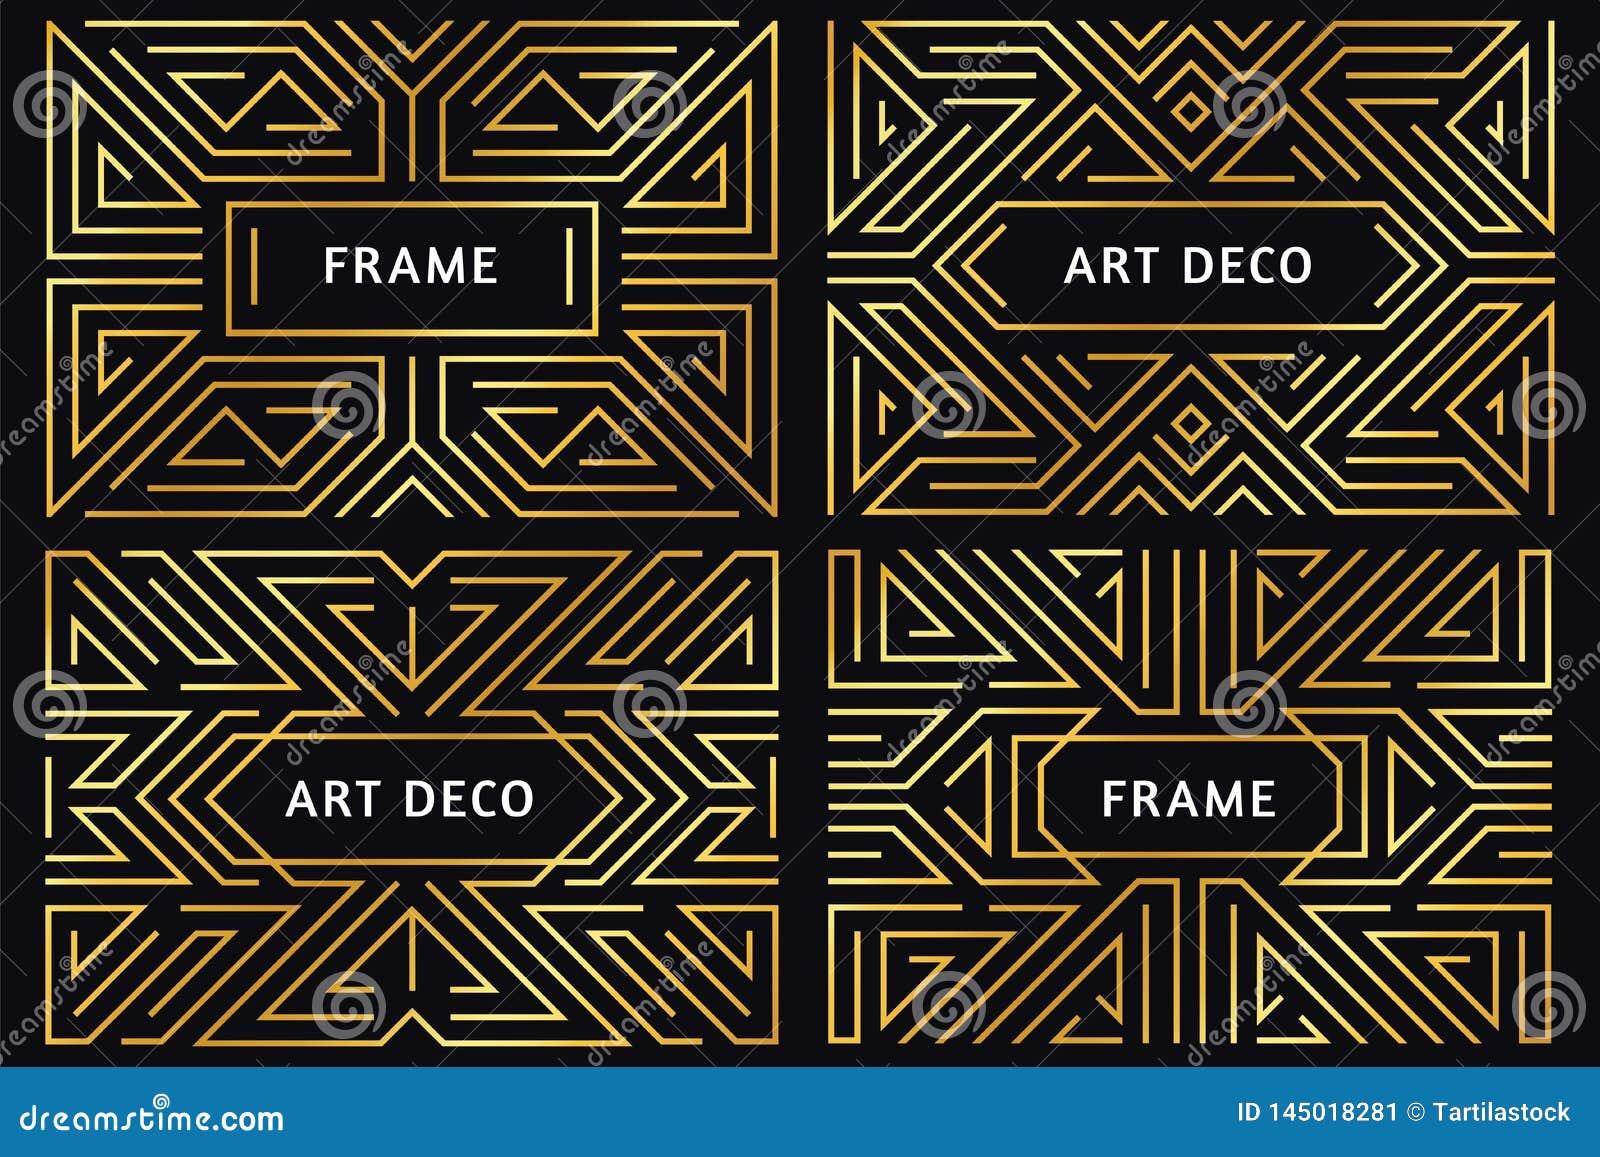 Marcos del art d?co L?nea de oro frontera, ornamento decorativo del oro y vector geom?trico abstracto de lujo del vintage de las